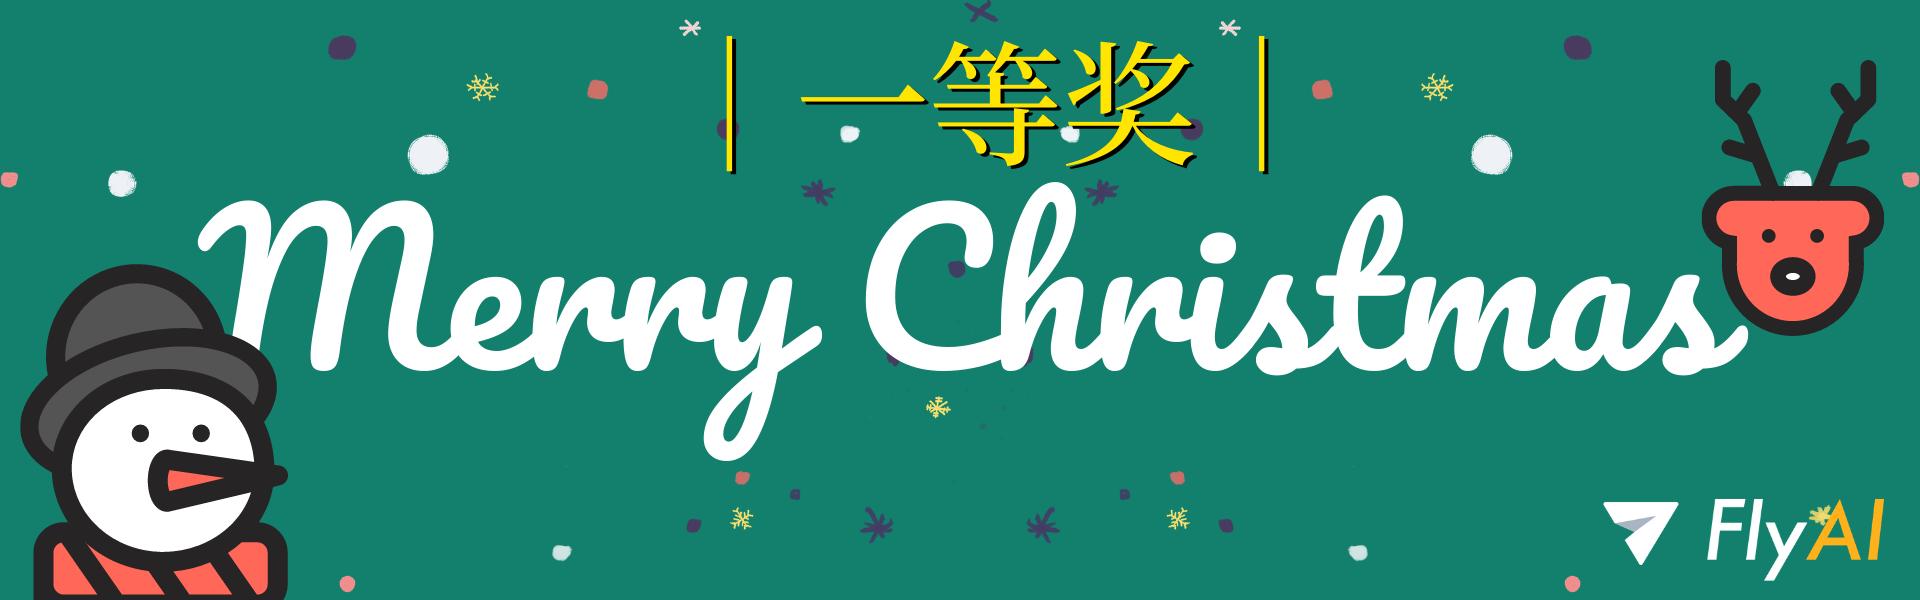 红黑色城市圣诞夜景插画手绘平安夜节日促销中文电商banner.png